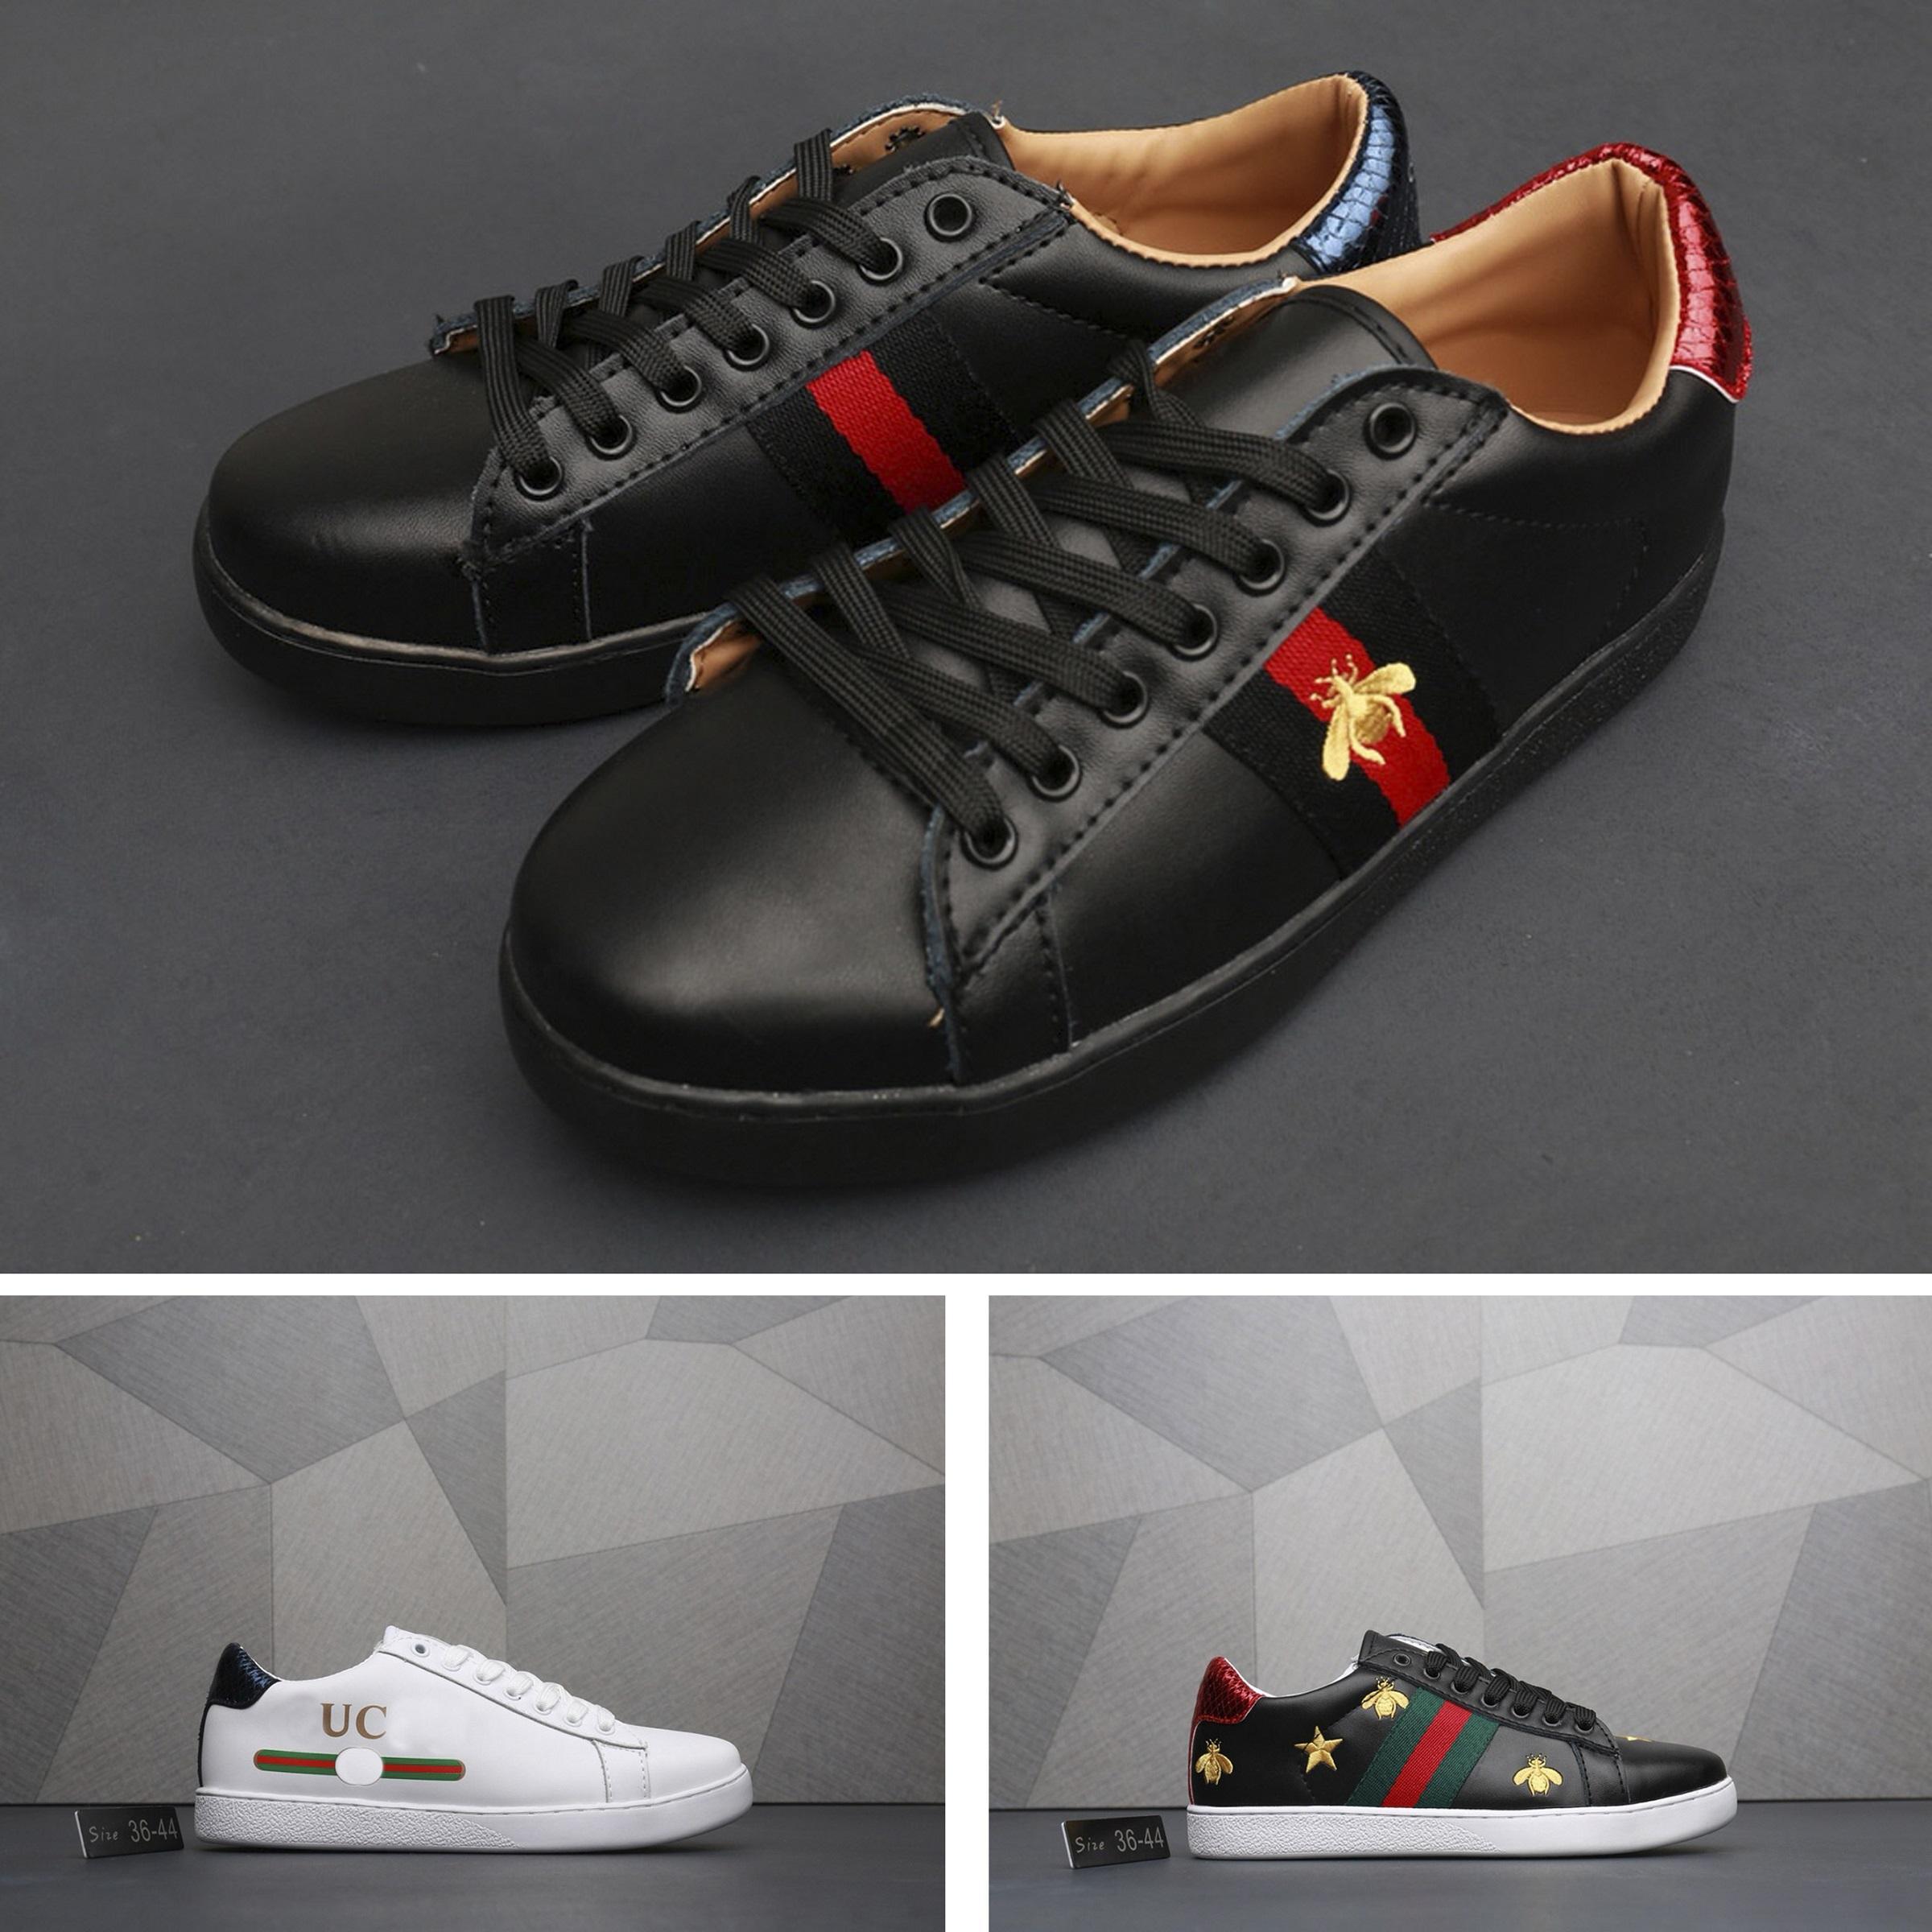 3b6108edaa3bb Compre Gucci Men Shoes Gucci Women Shoes Gucci Sneakers La Marca De Lujo  Europea Más Vendida Zapatillas De Tenis Zapatillas De Diseño De Piel De  Cordero ...